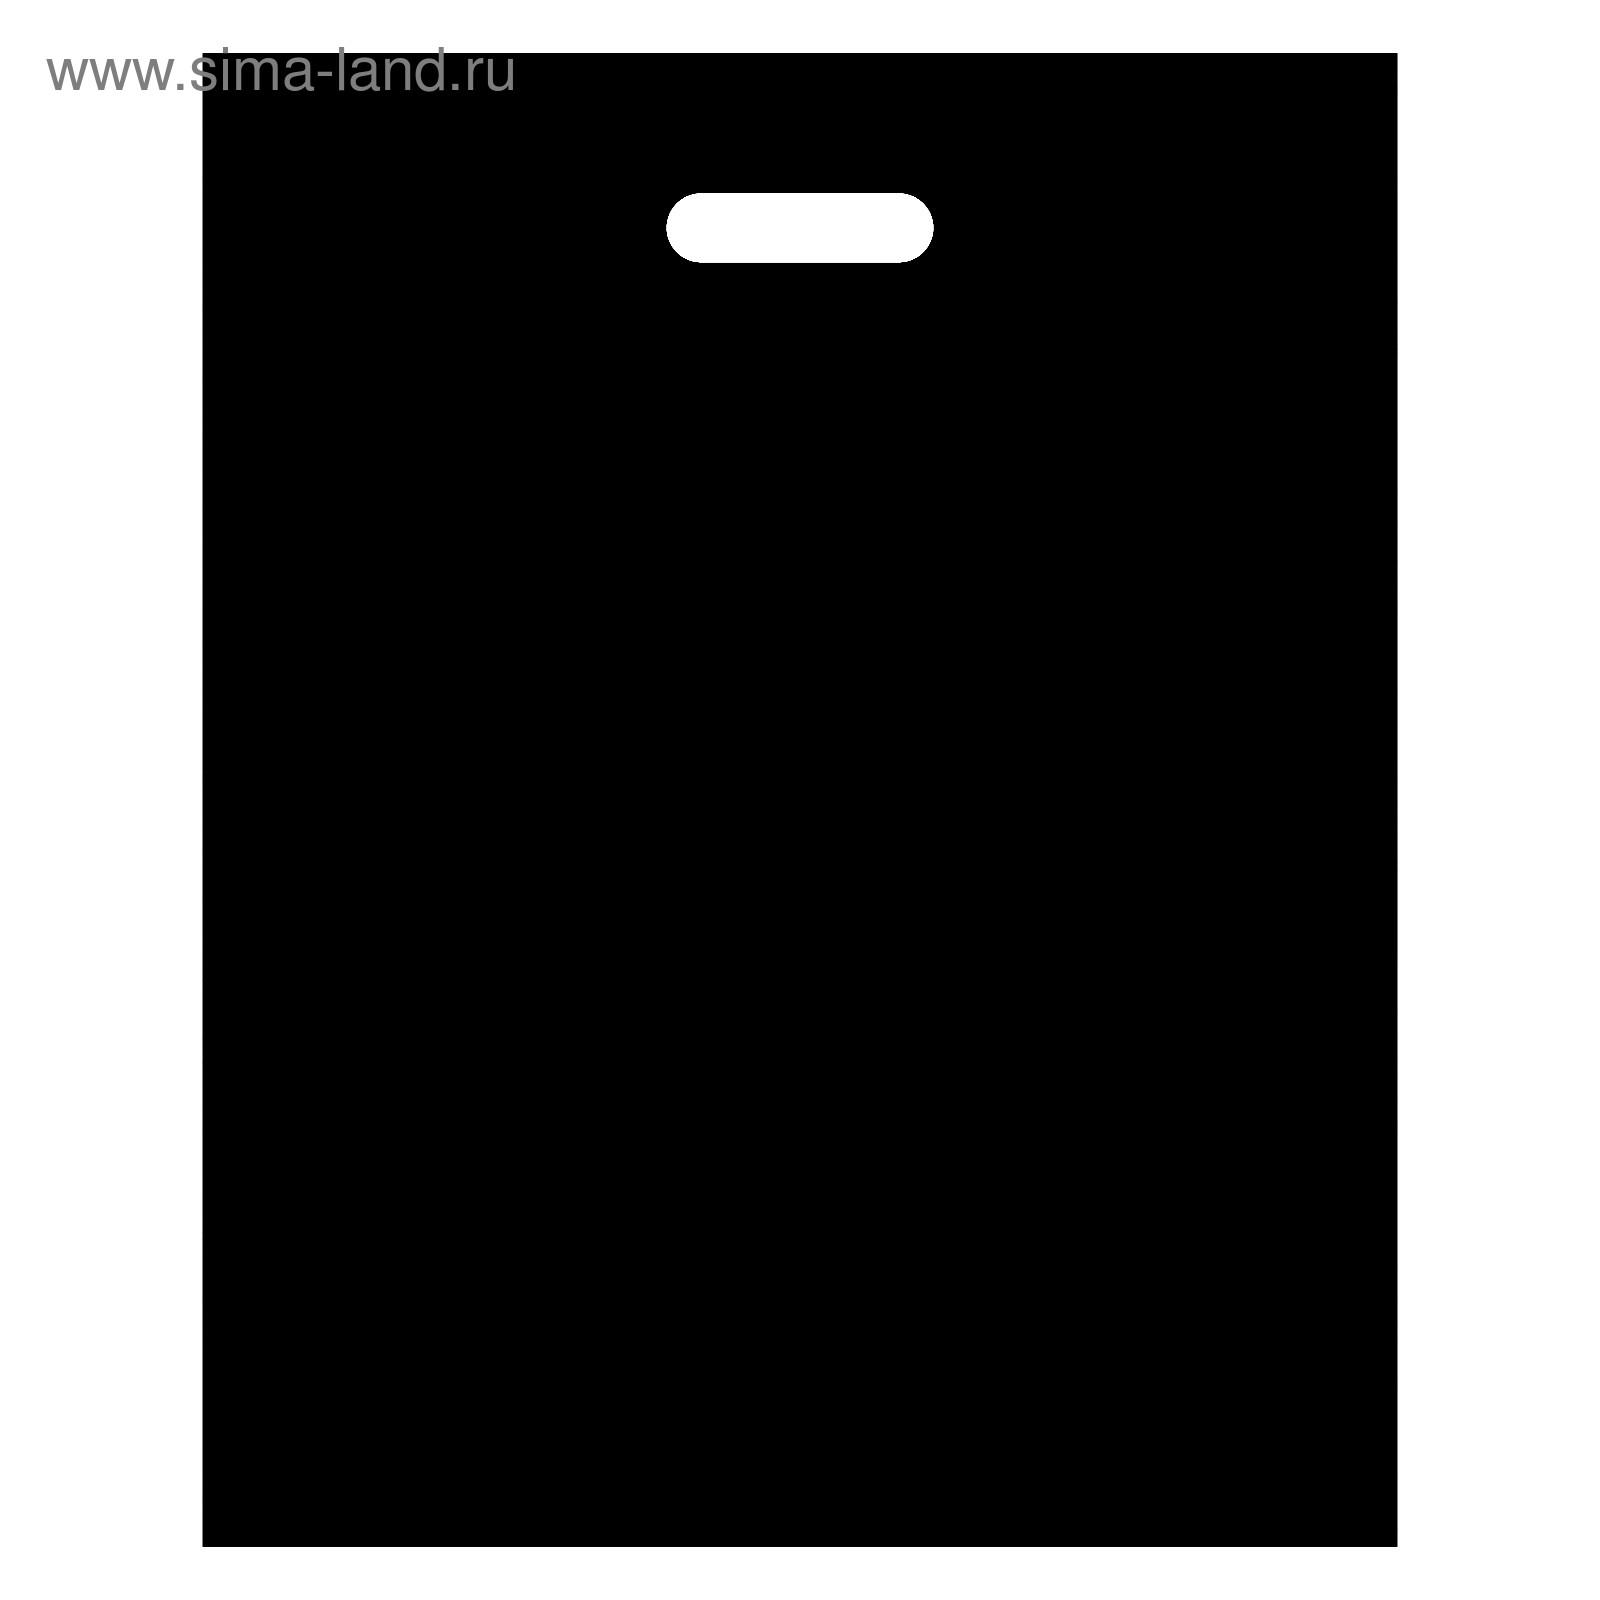 пакет черный полиэтиленовый с вырубной ручкой купить